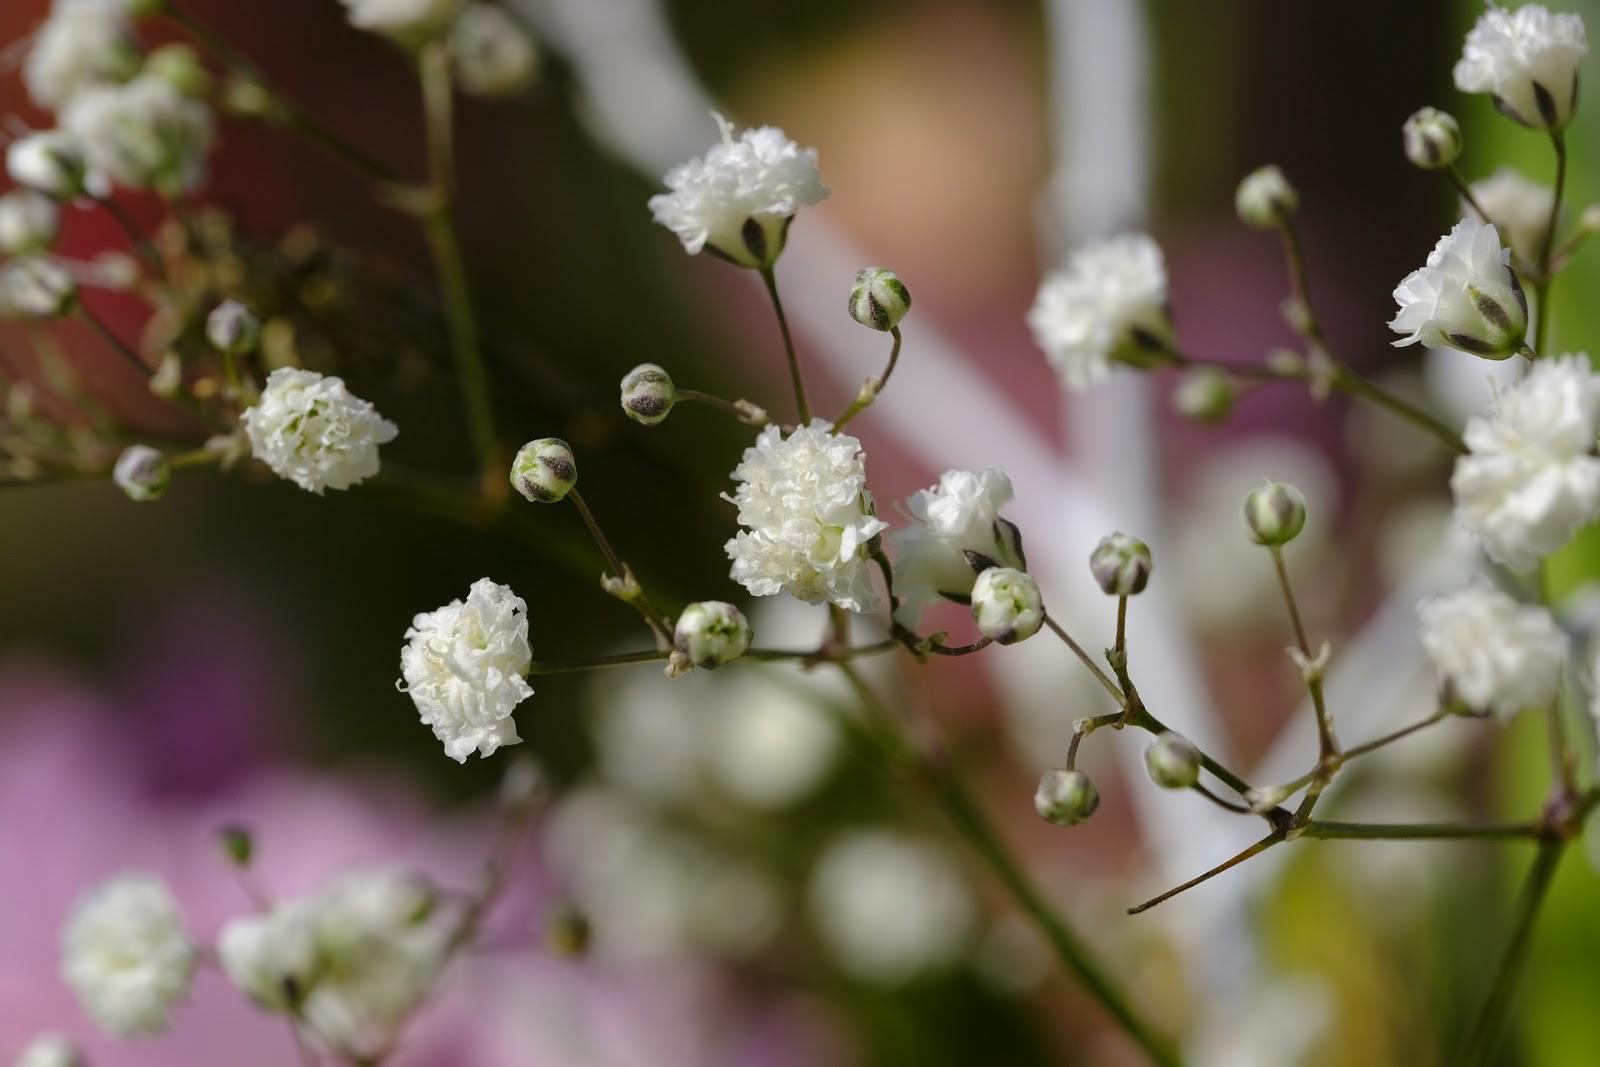 А как бы нам цветник в саду перепланировать